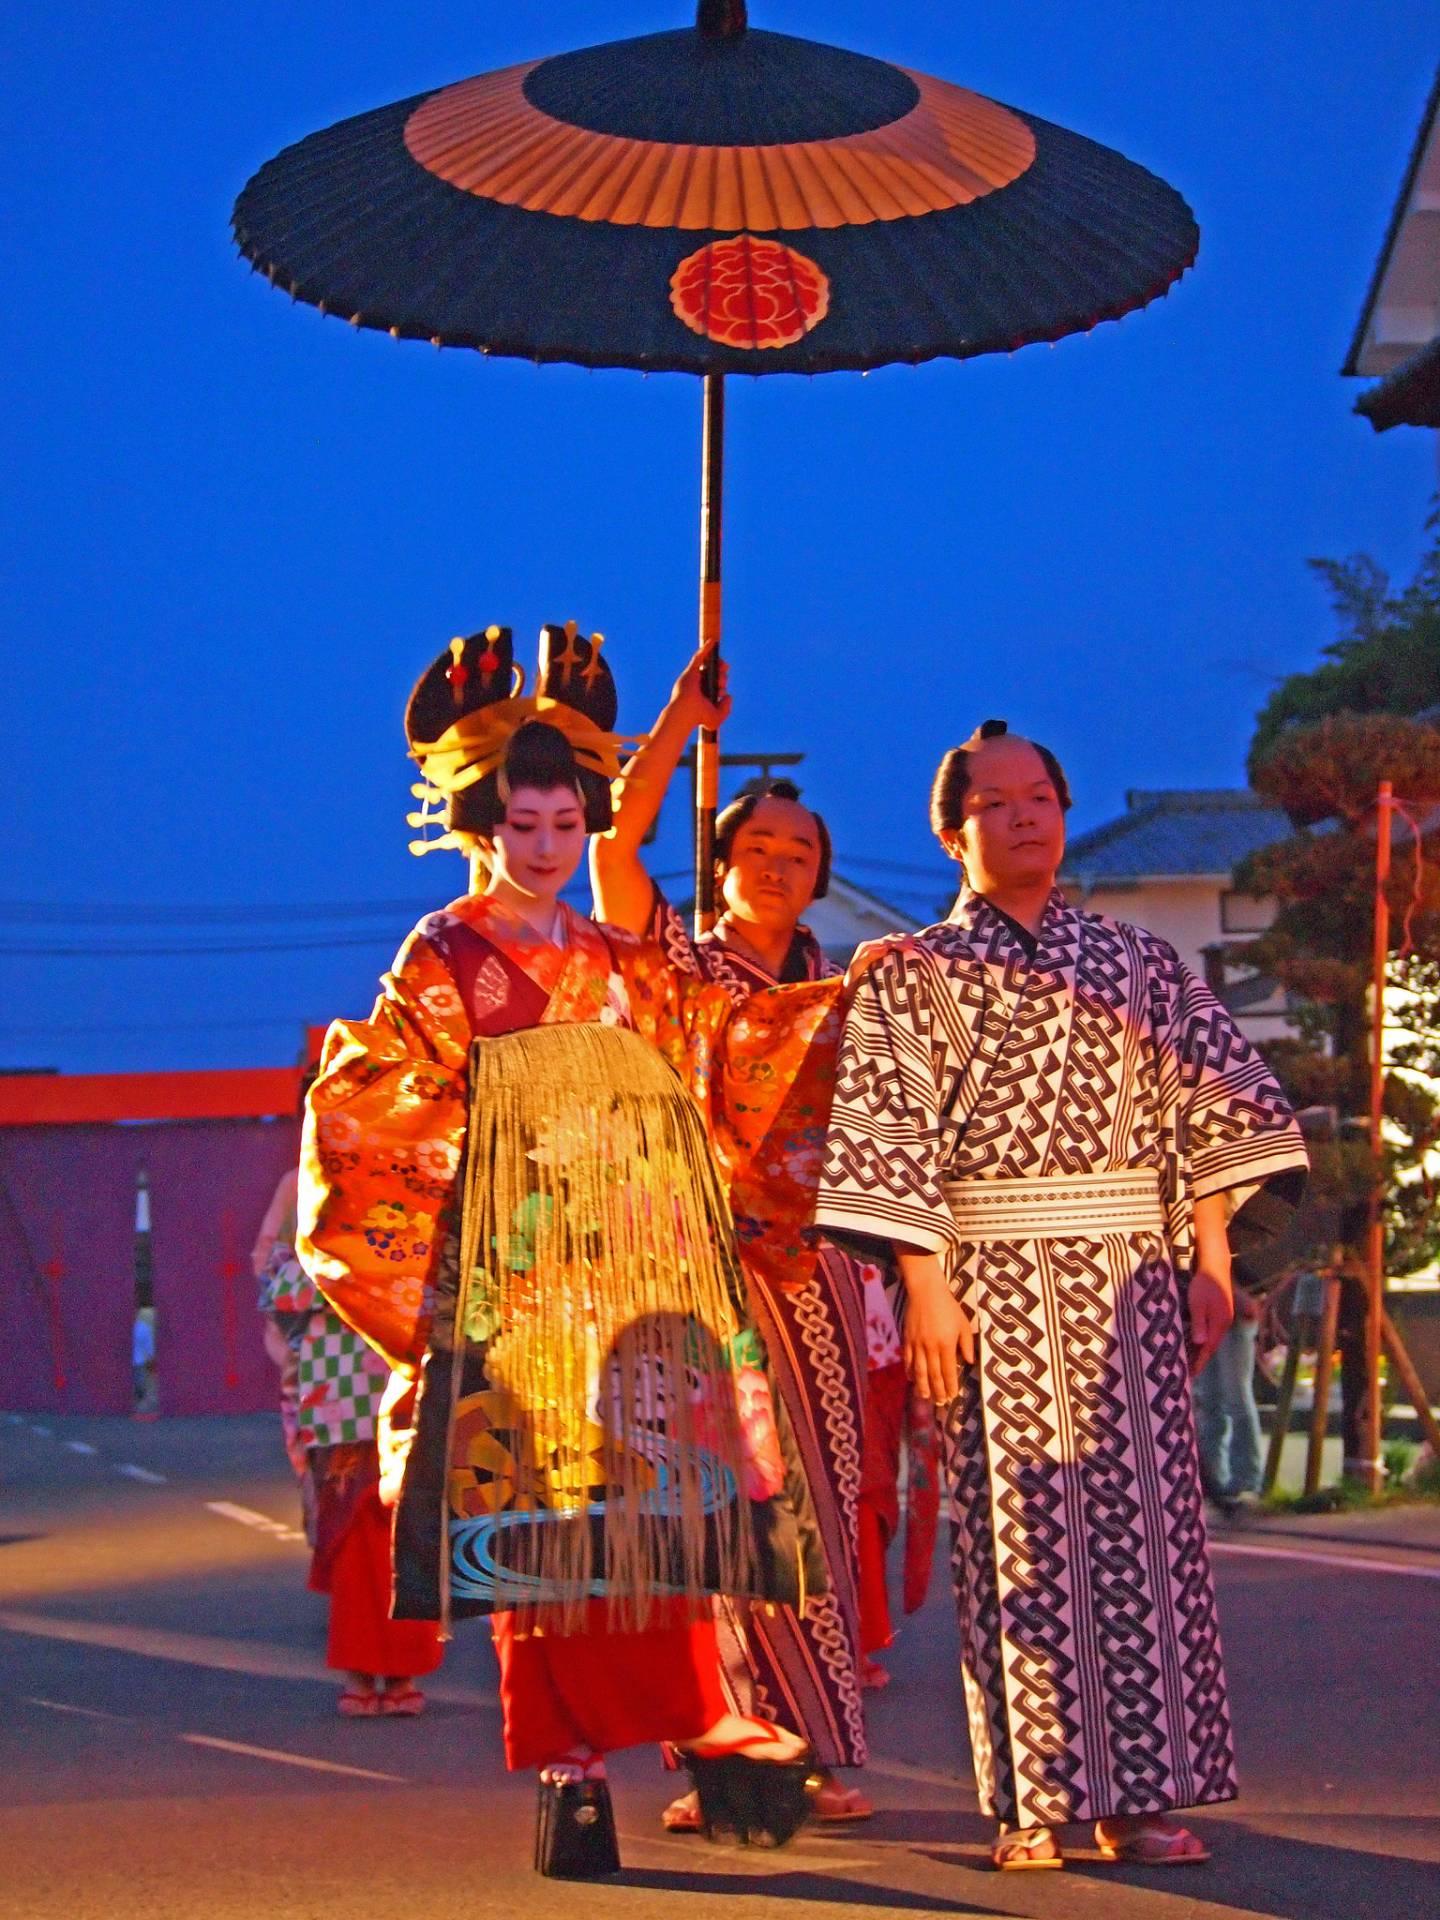 Oiran auf der Straße mit einem Sonnenschirmträger